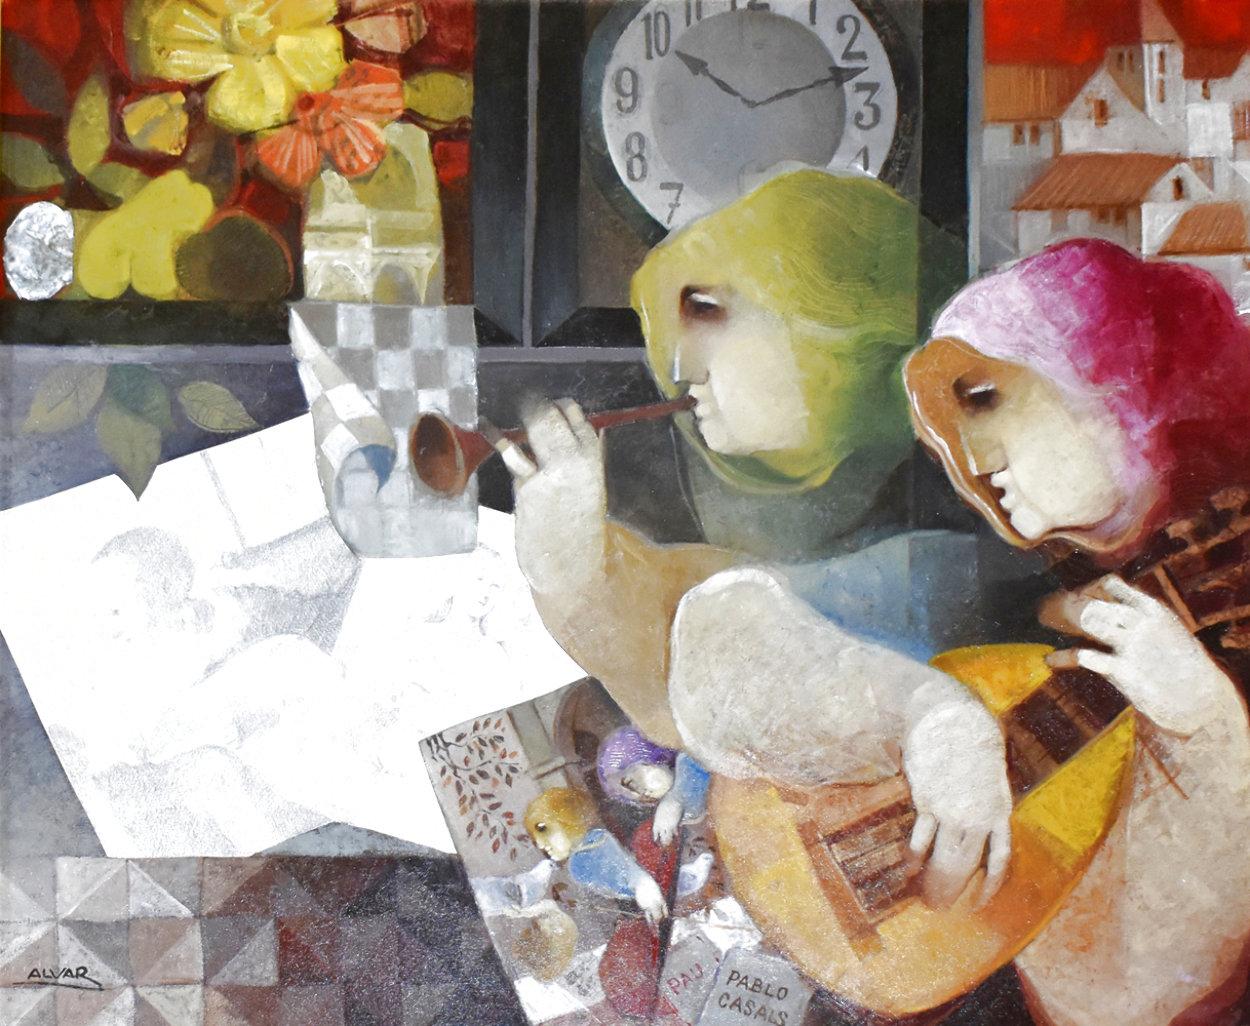 Tiempos De Musica Para Pablo Casals 2009 30x34 Original Painting by Sunol Alvar